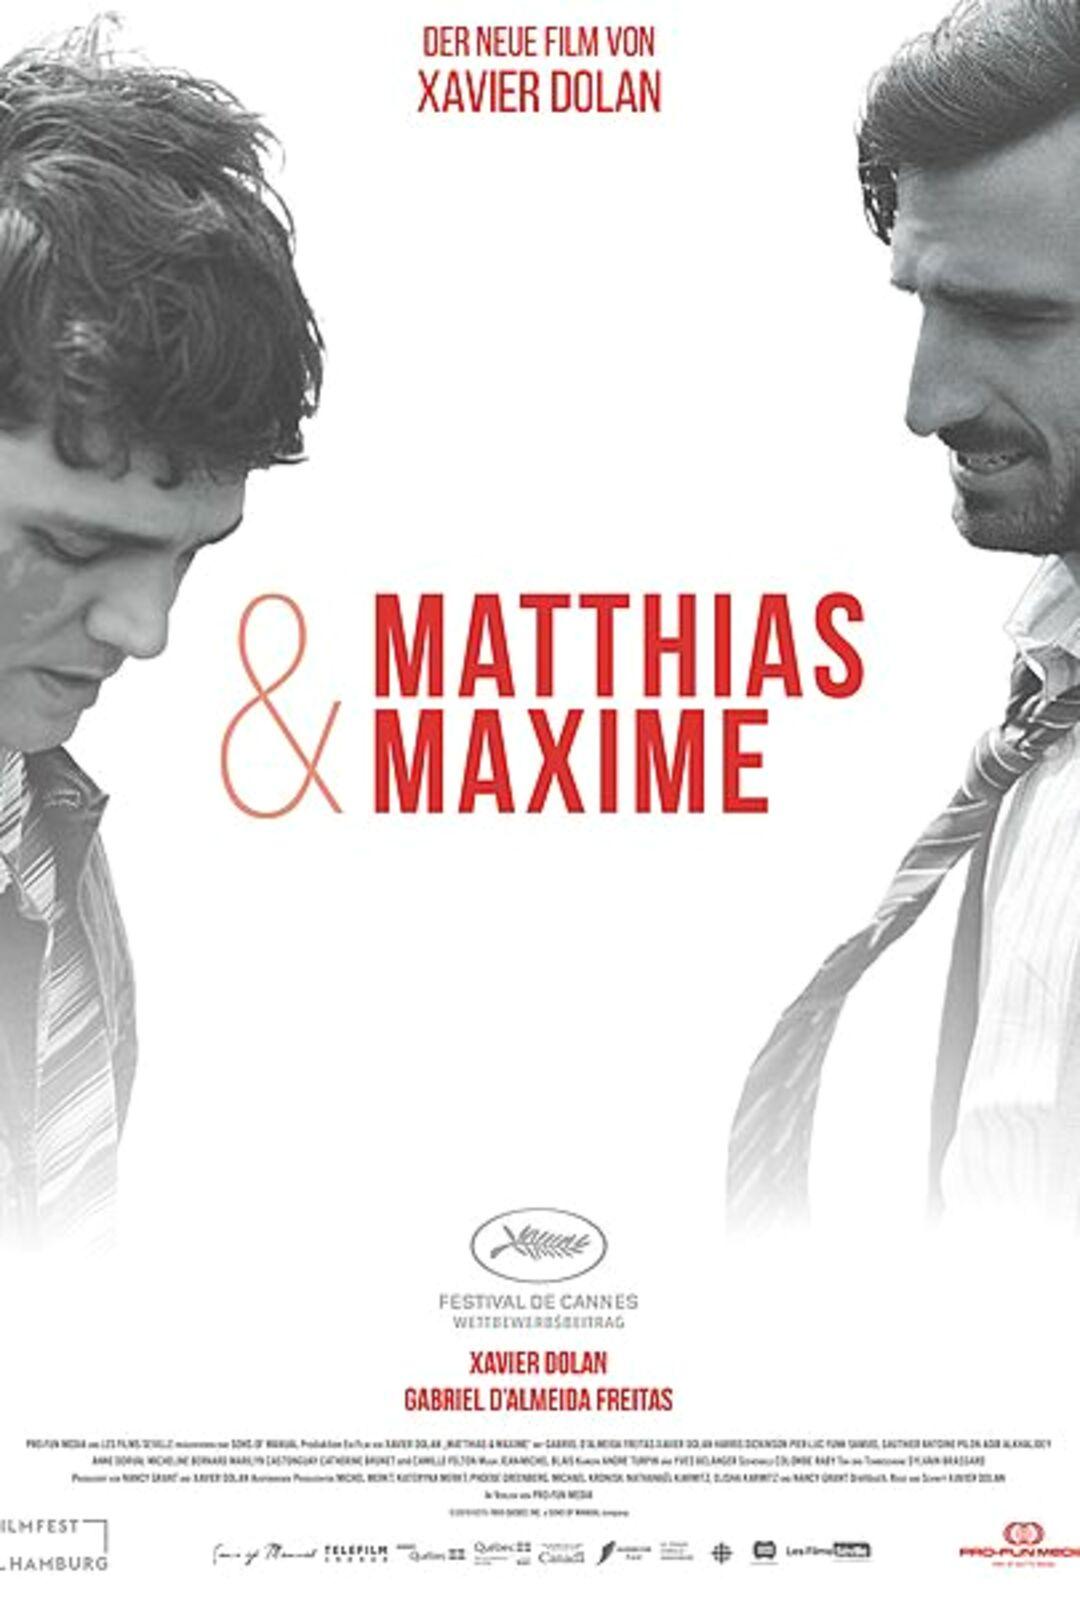 Matthias & Maxime - Bild 12 von 12